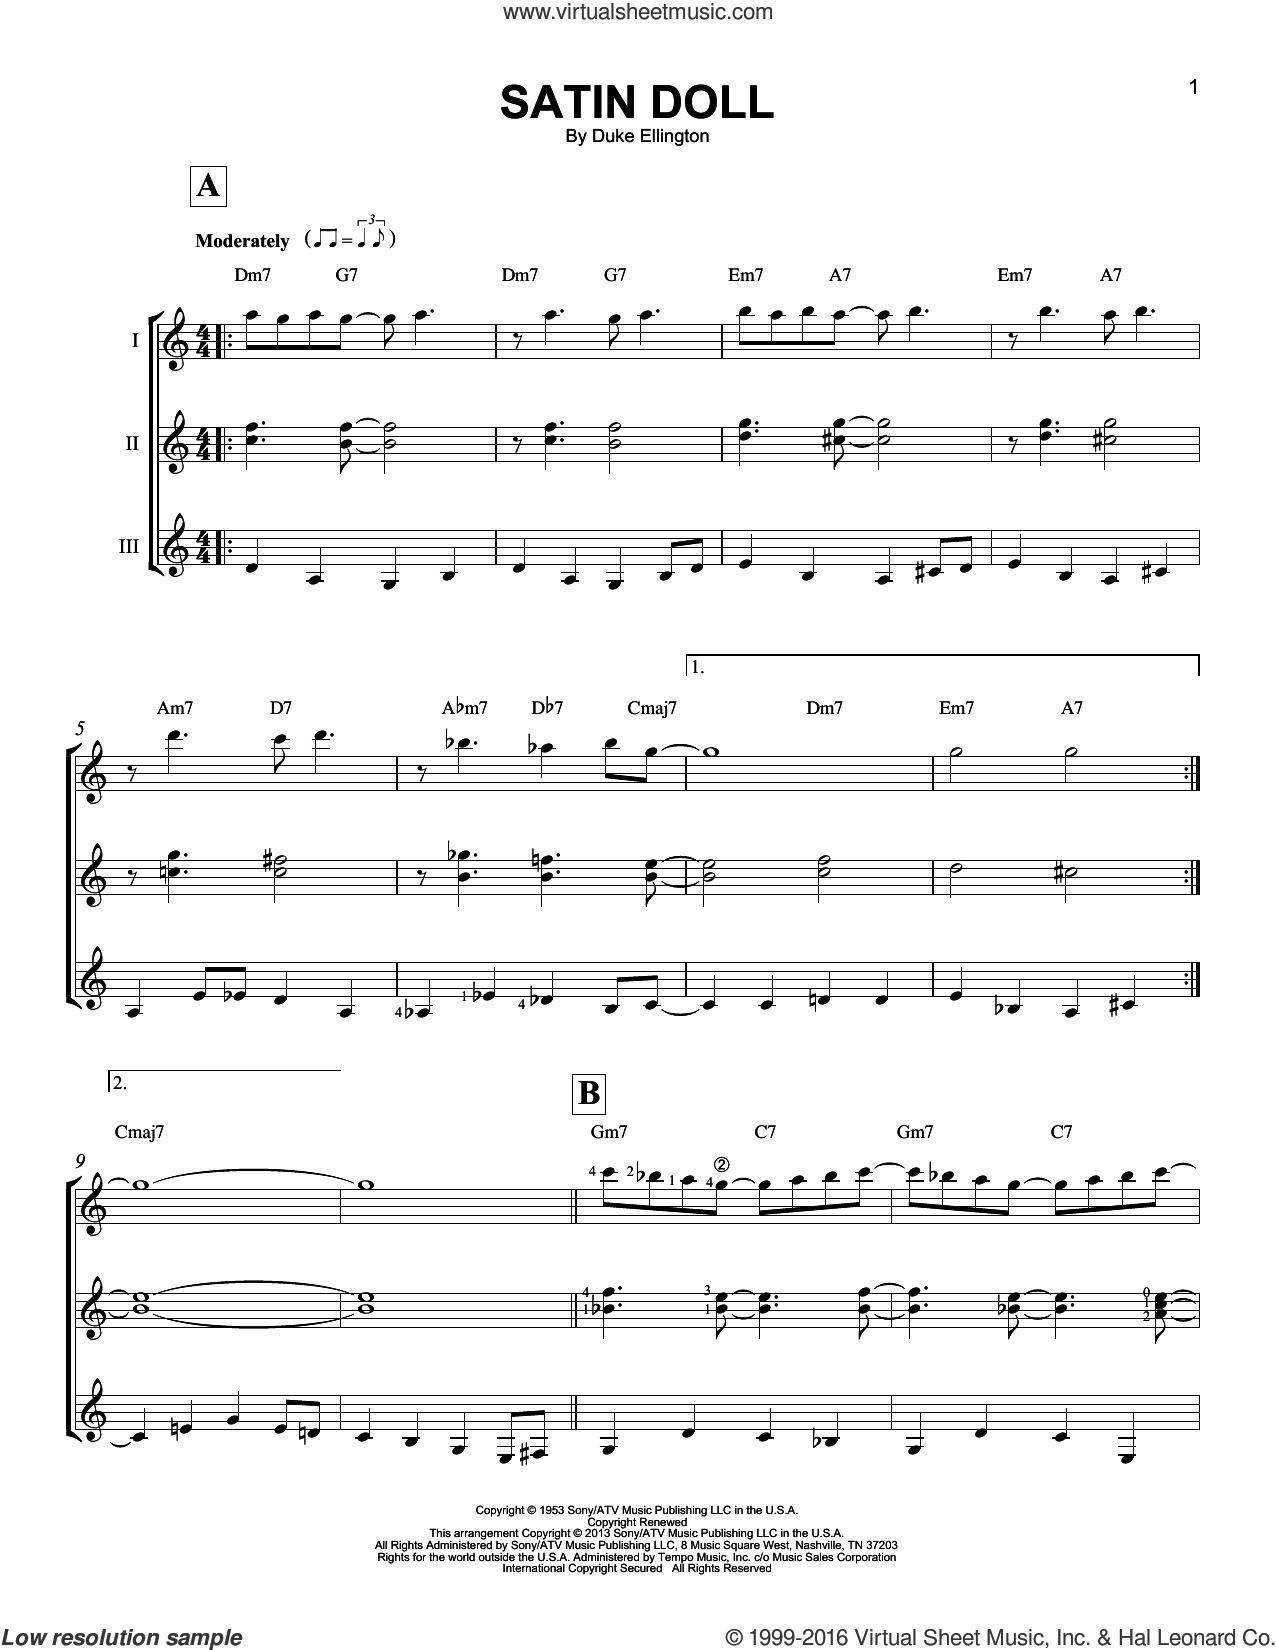 Satin Doll sheet music for guitar ensemble by Duke Ellington, Billy Strayhorn and Johnny Mercer, intermediate skill level